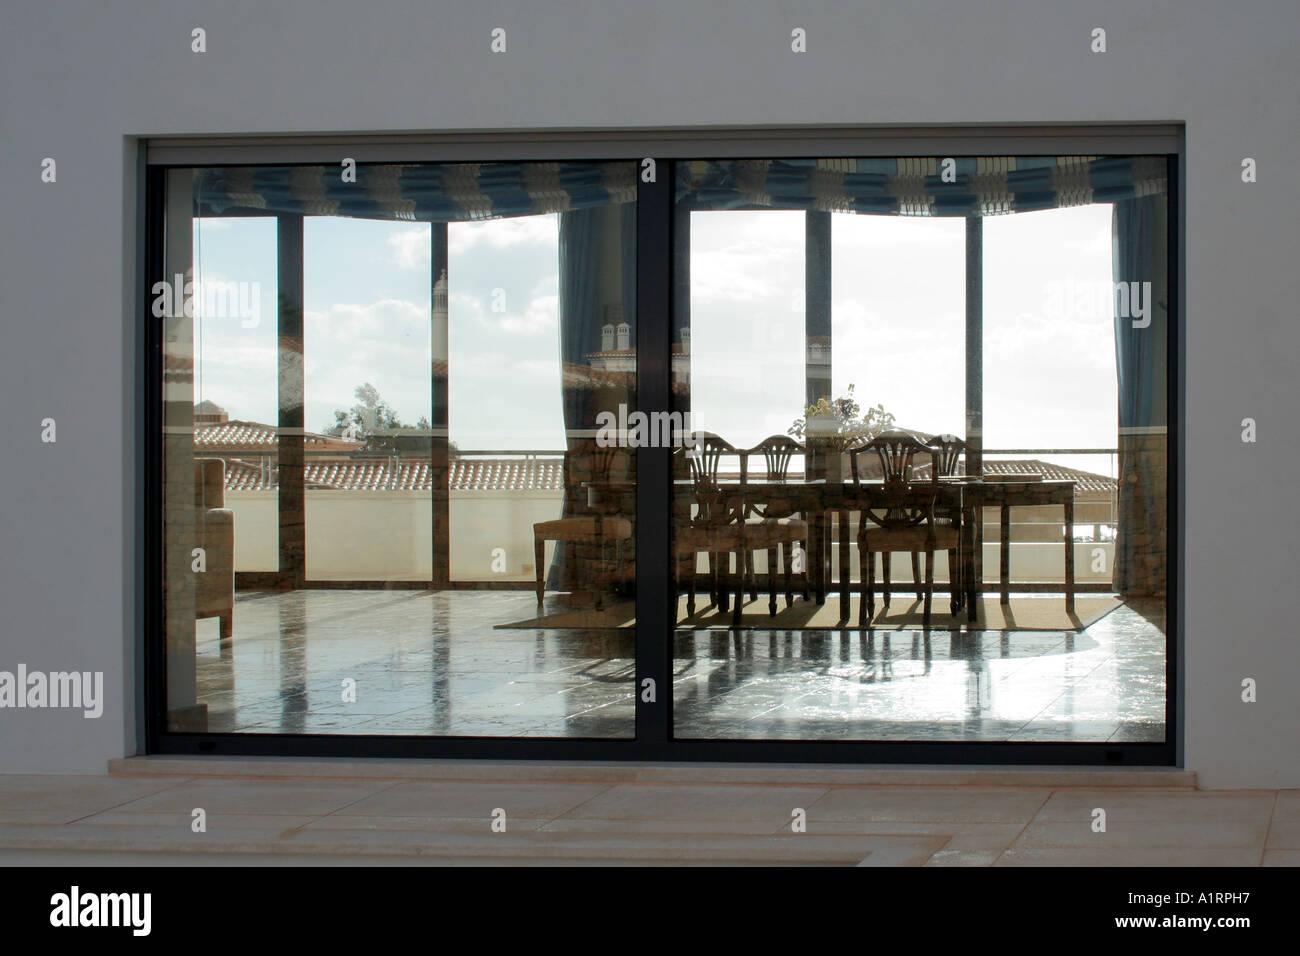 Ambiente casa modernista con miras comedor visto desde el exterior a través de la ventana la casa vecina reflejando Imagen De Stock